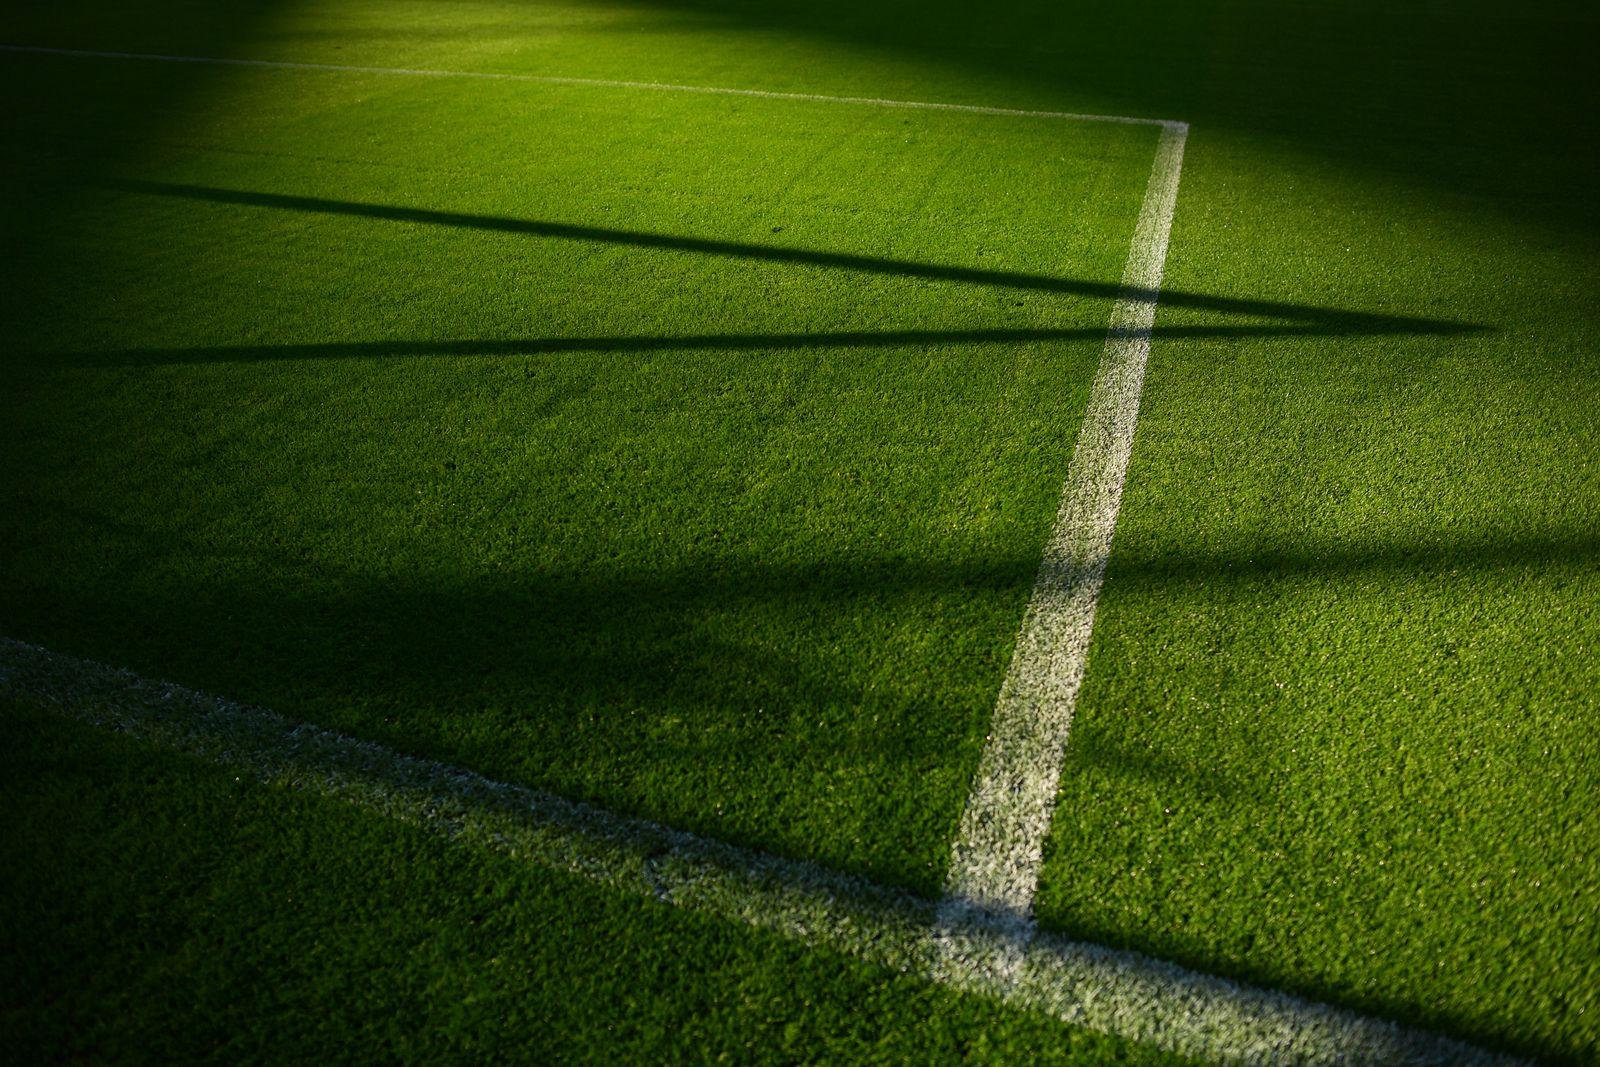 Fußballplatz / Schatten